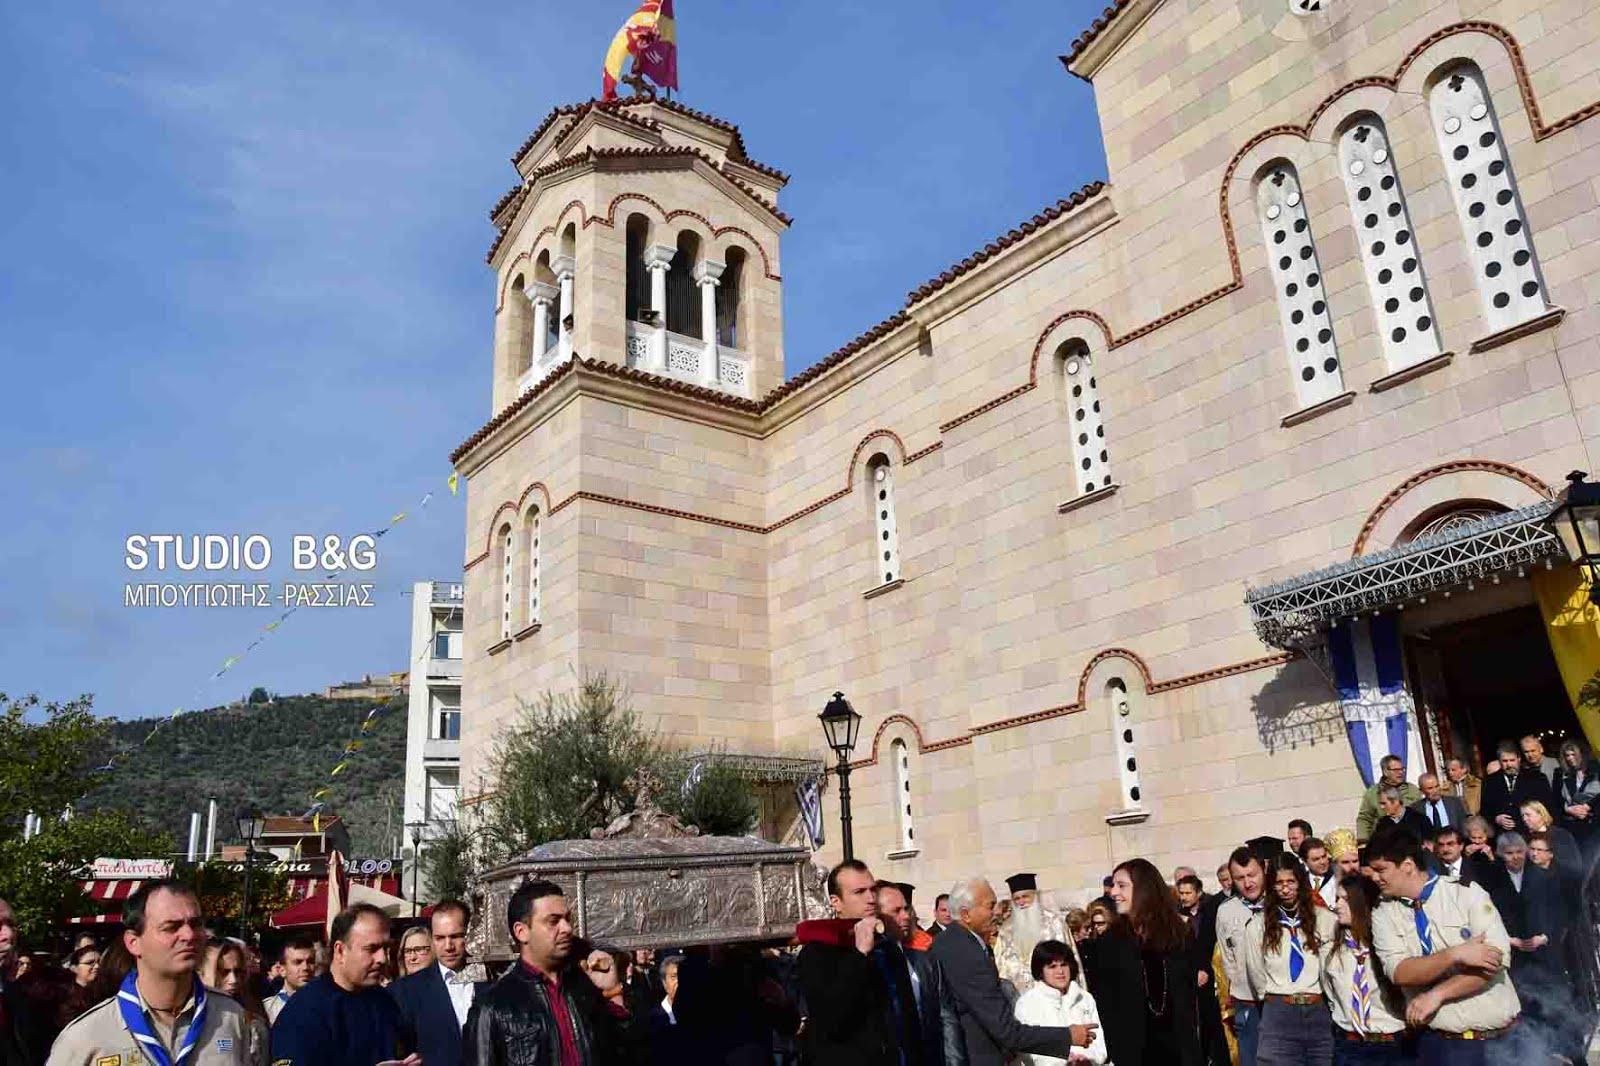 Η εορτή της μετακομιδής των λειψάνων του Αγίου Πέτρου επισκόπου Άργους